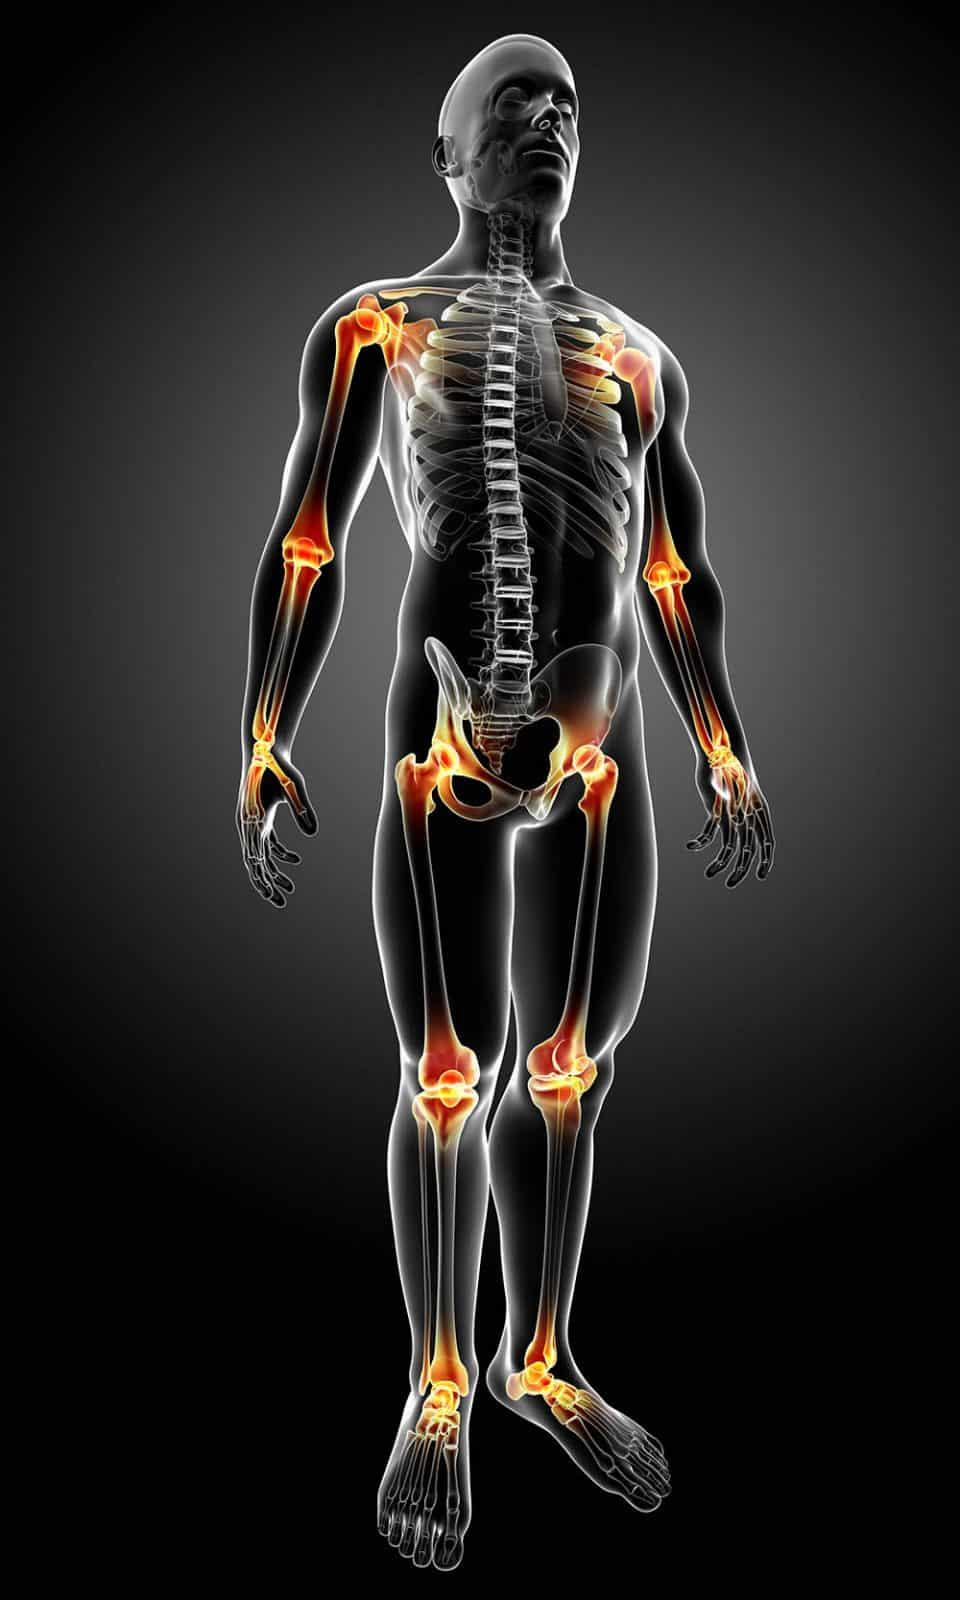 Ilustração de corpo humano masculino com principais pontos de dor articular destacadas.